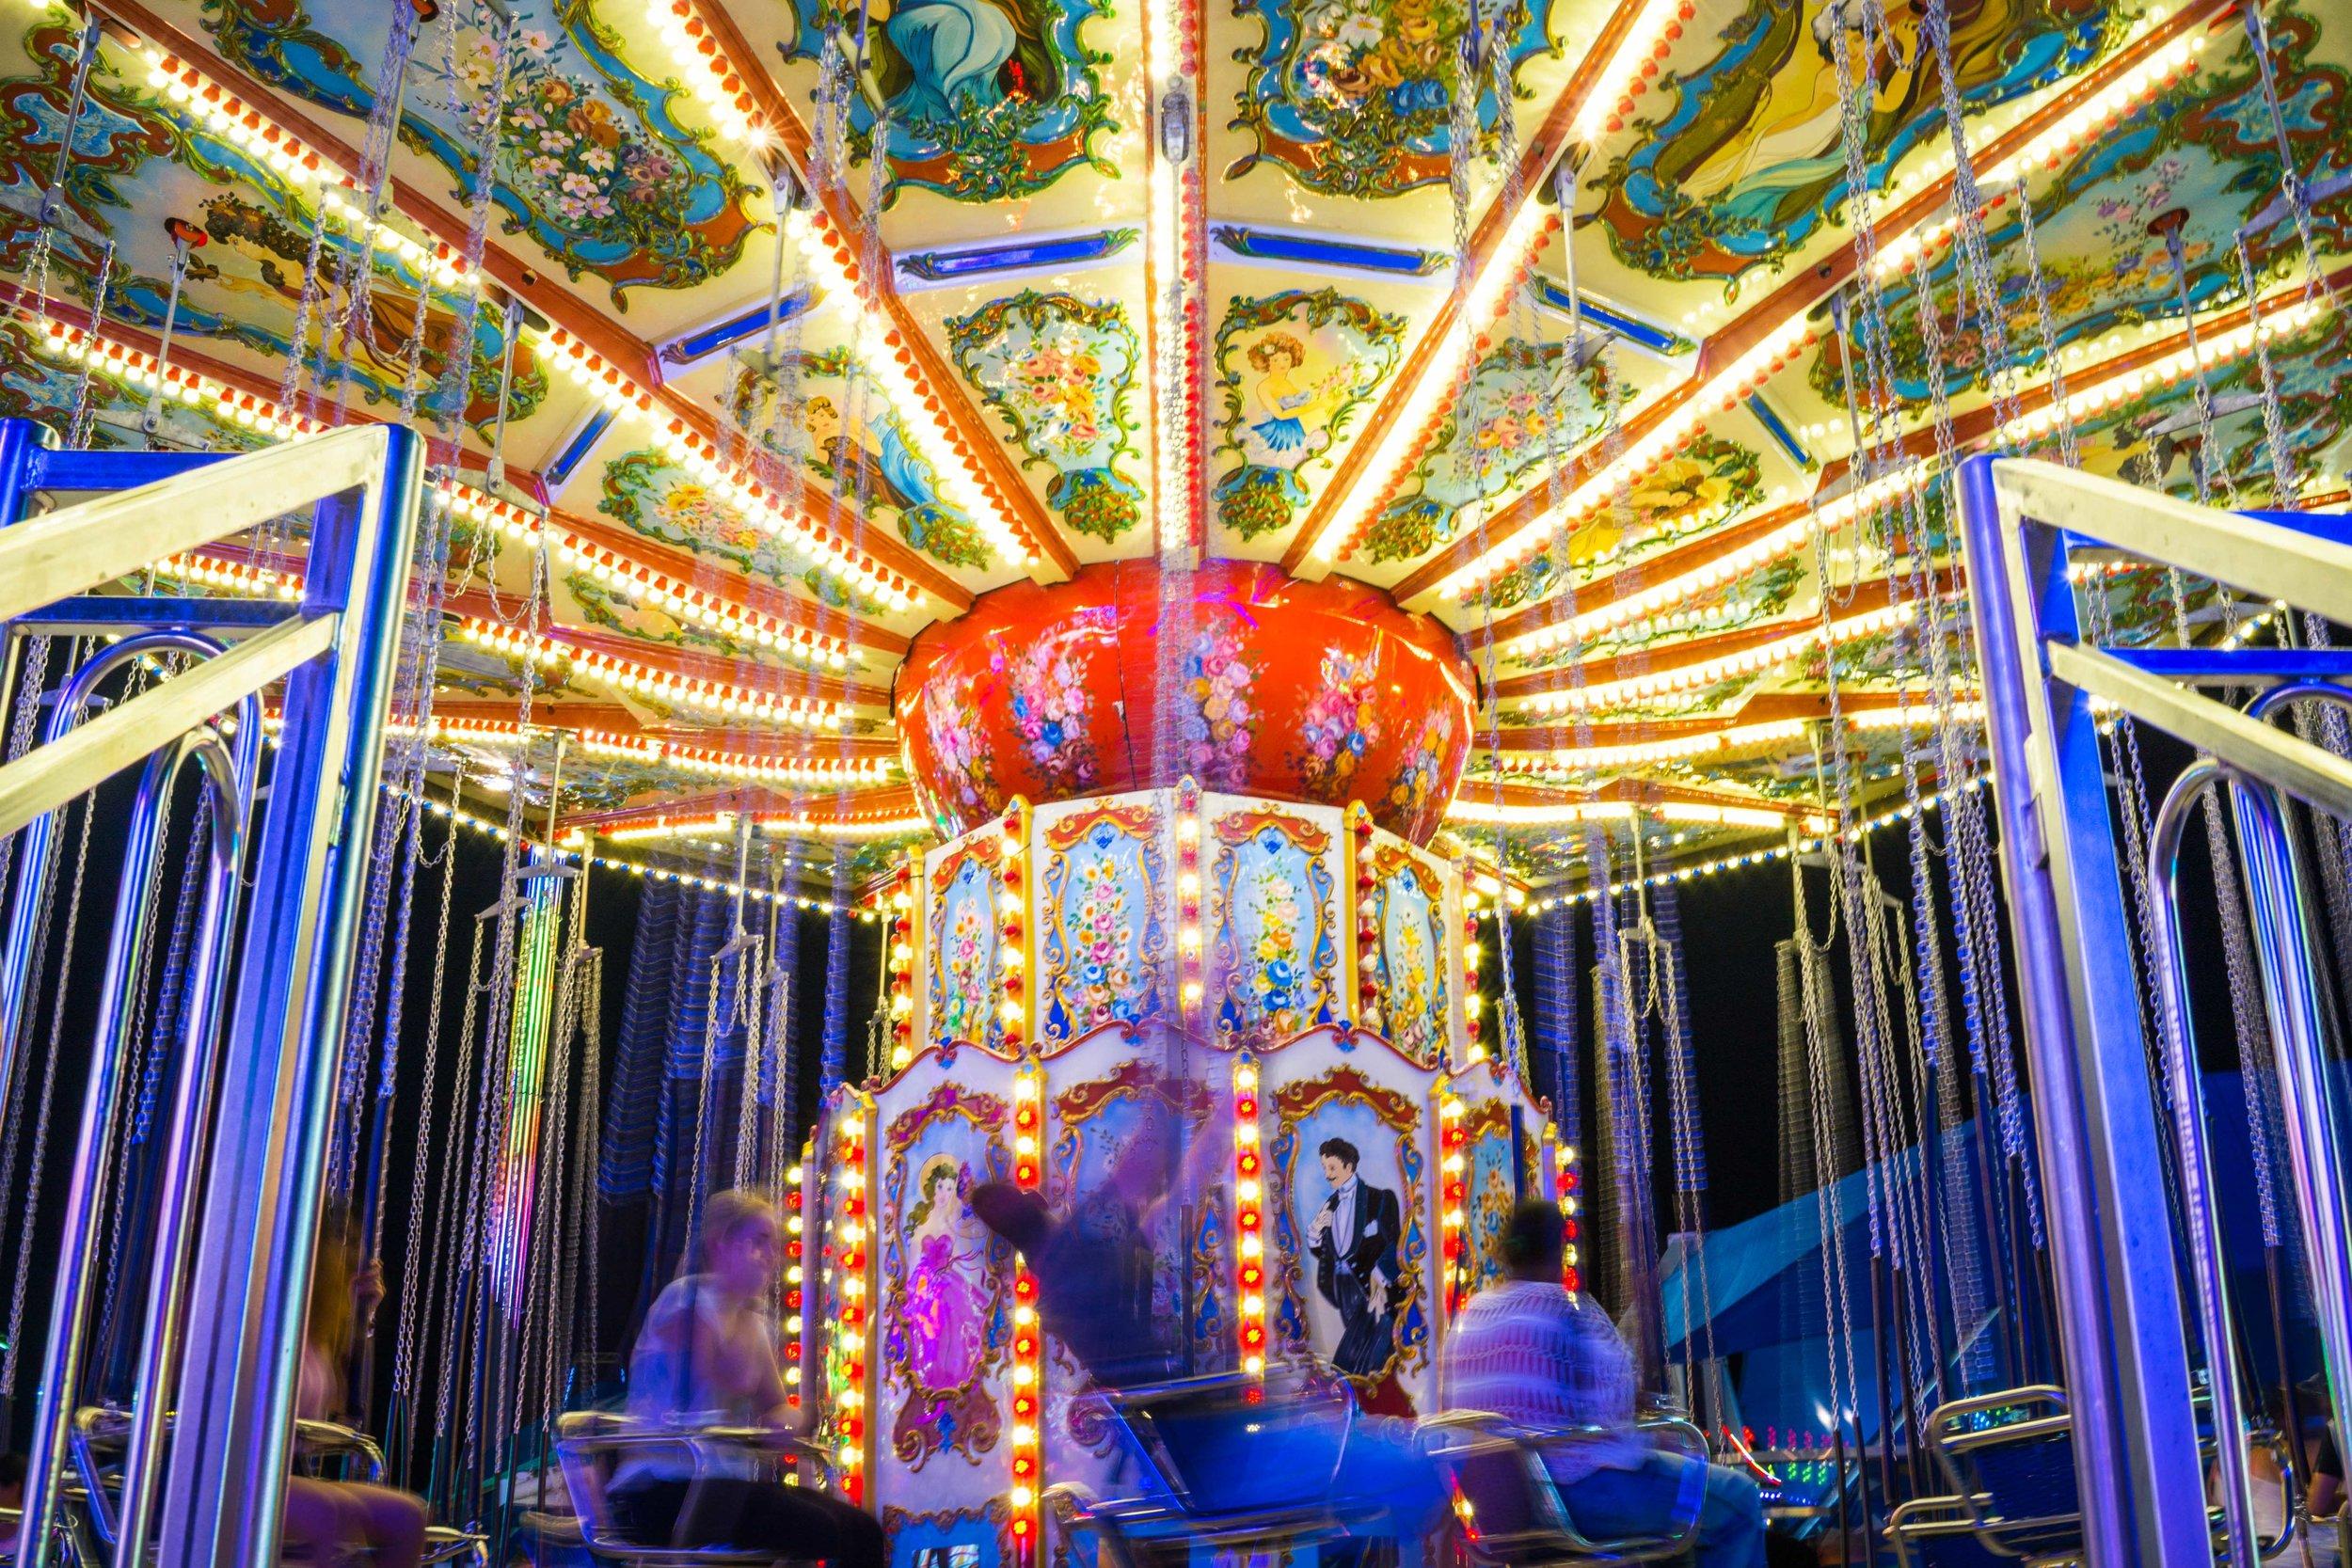 State Fair of Texas, Dallas, Texas